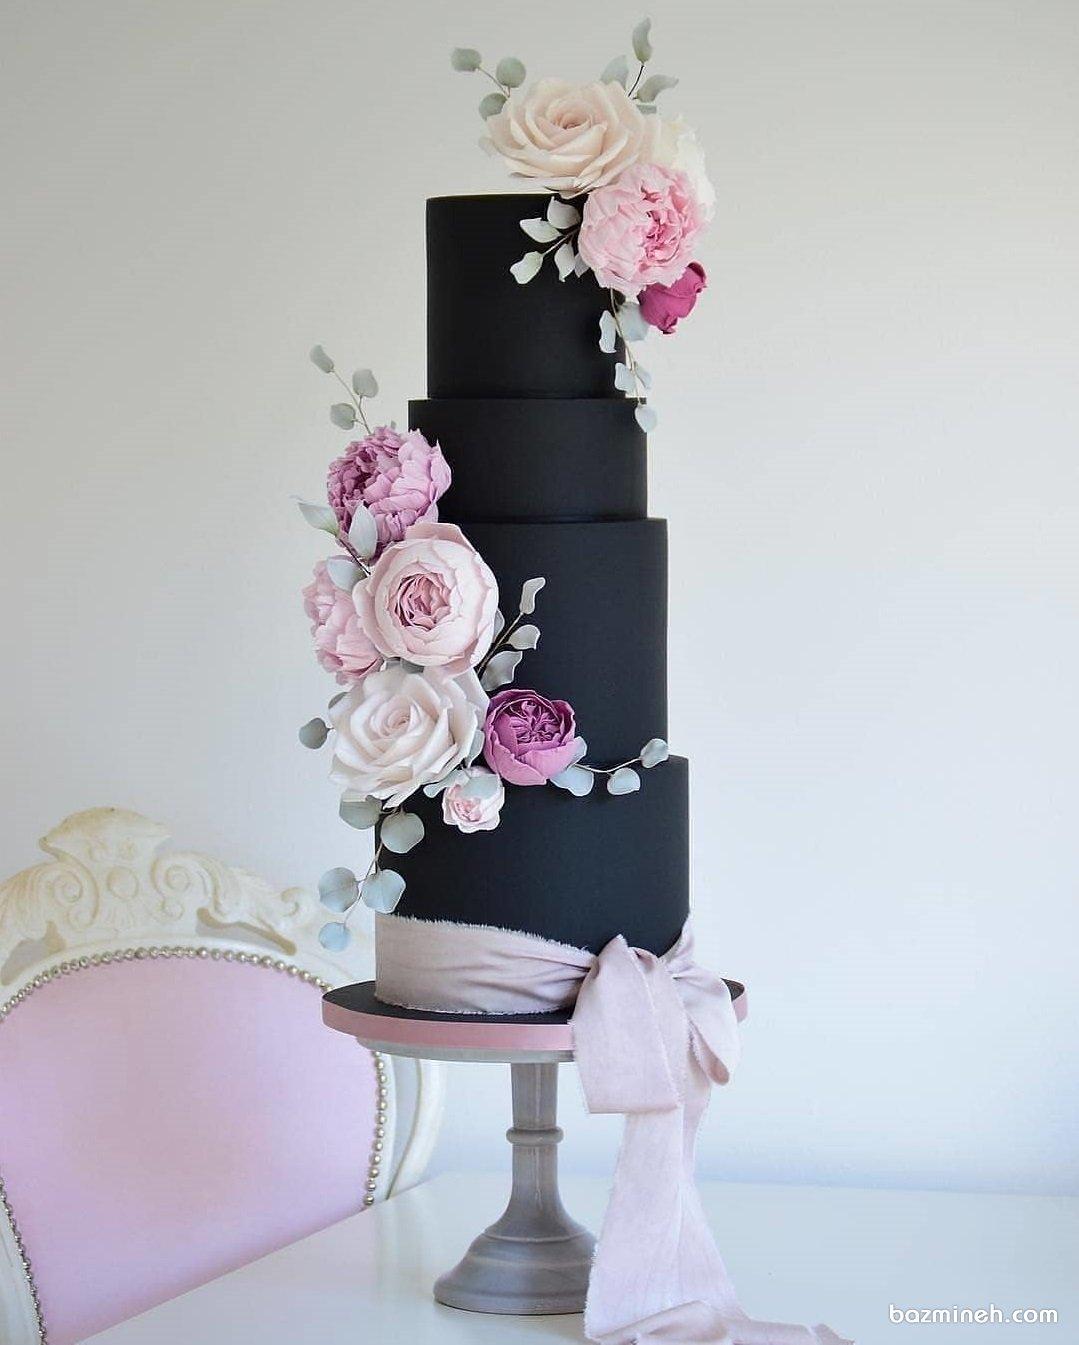 کیک چند طبقه خاص جشن تولد بزرگسال یا جشن سالگرد ازدواج با تم مشکی